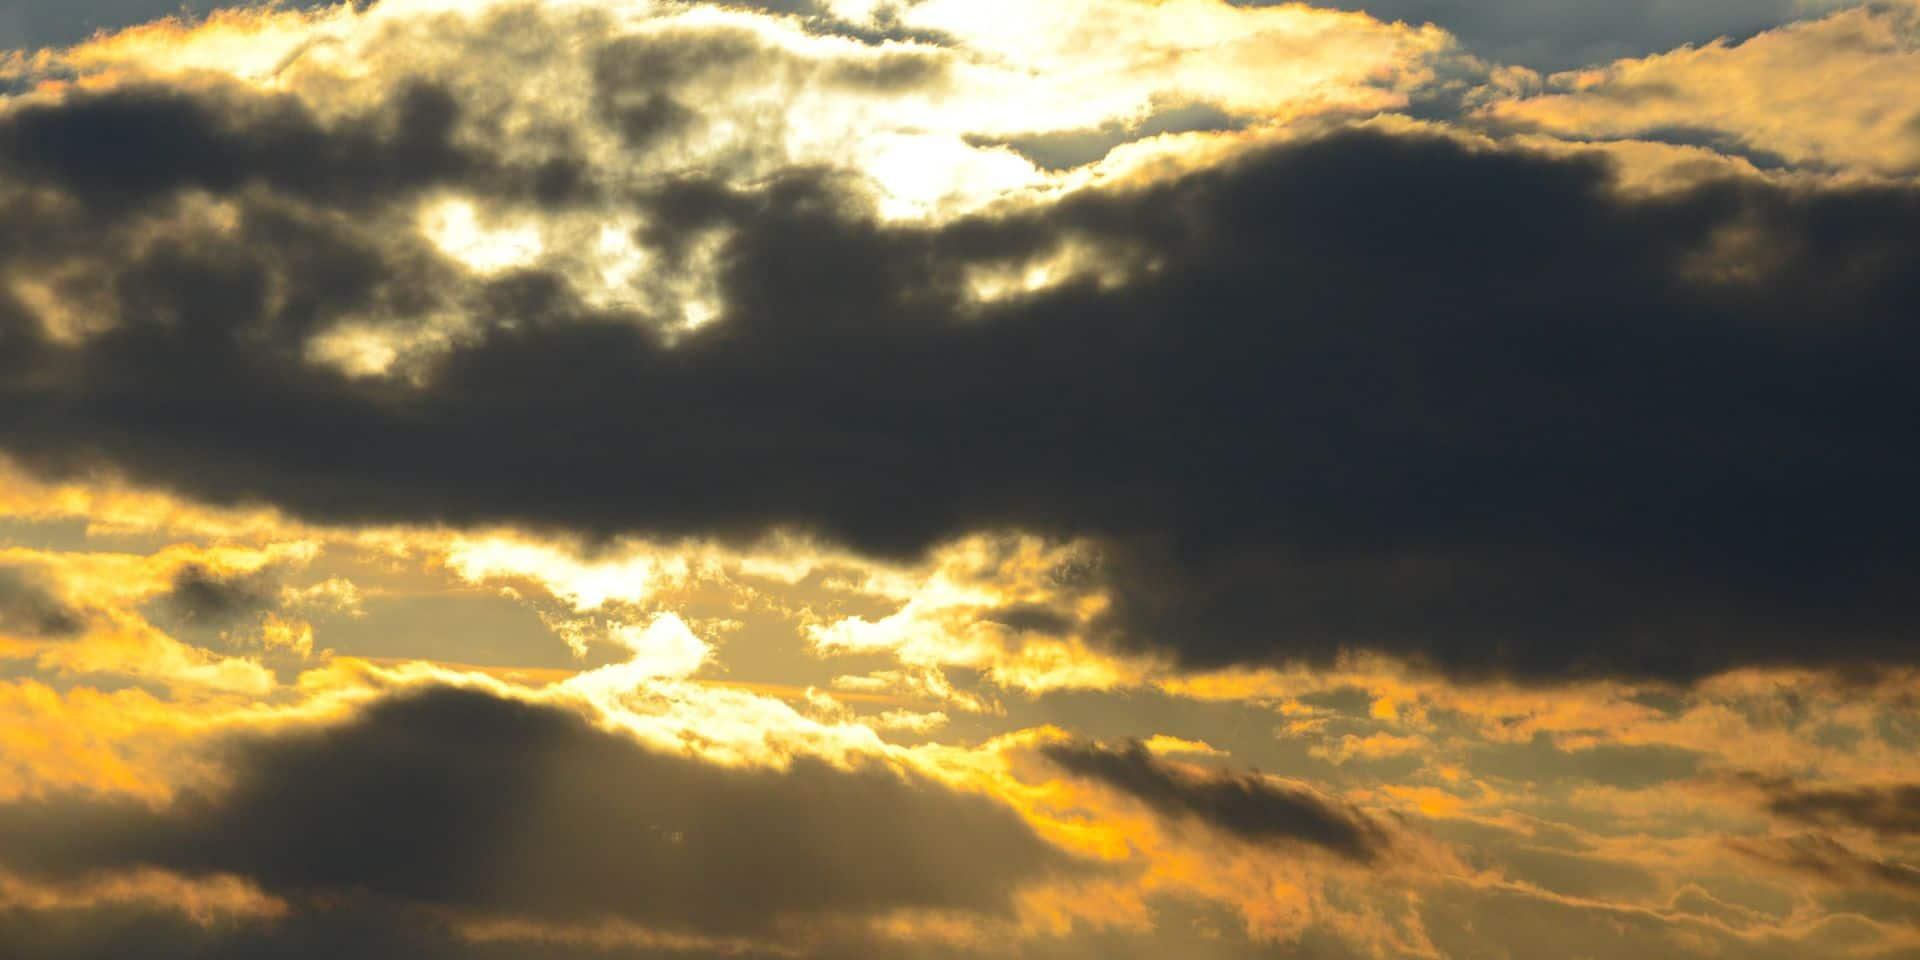 Météo: un temps doux, entre soleil et nuages, pour cette fin de semaine